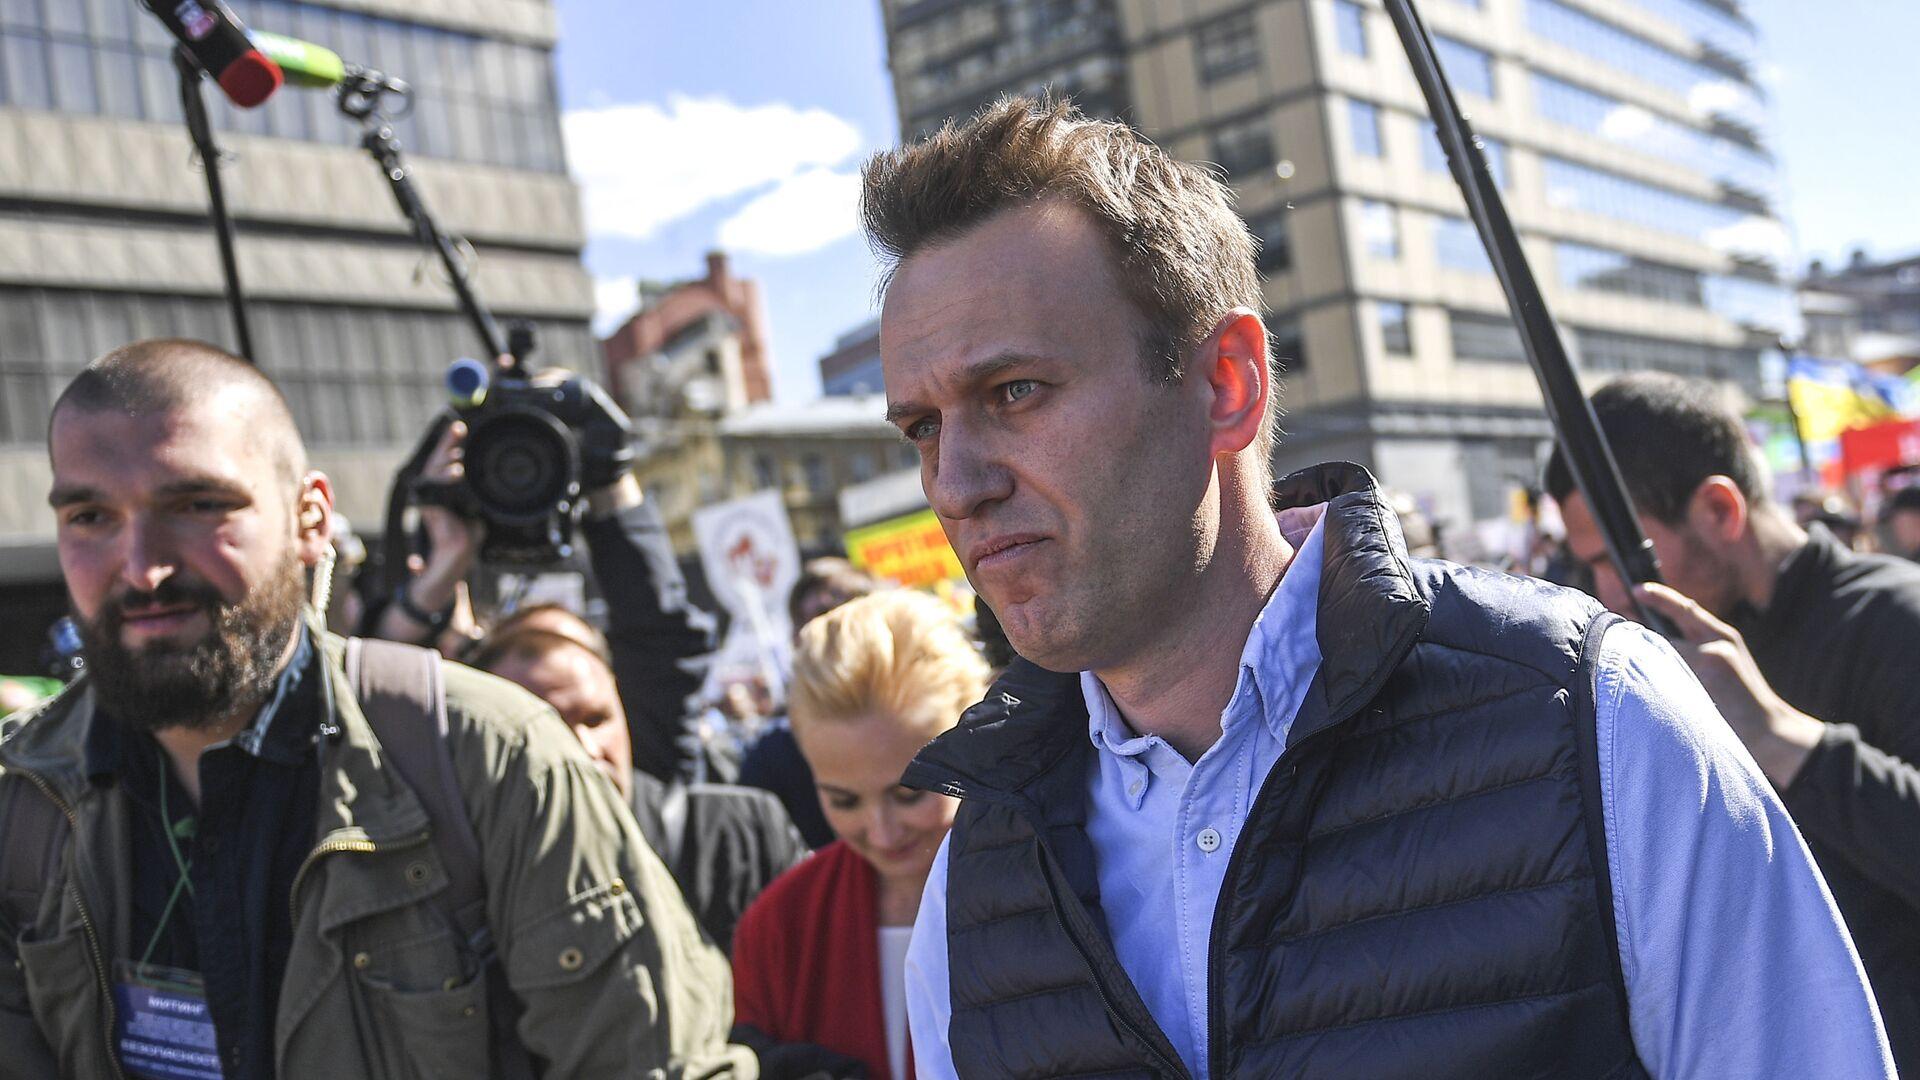 Lídr ruské opozice Alexej Navalnyj - Sputnik Česká republika, 1920, 28.09.2021